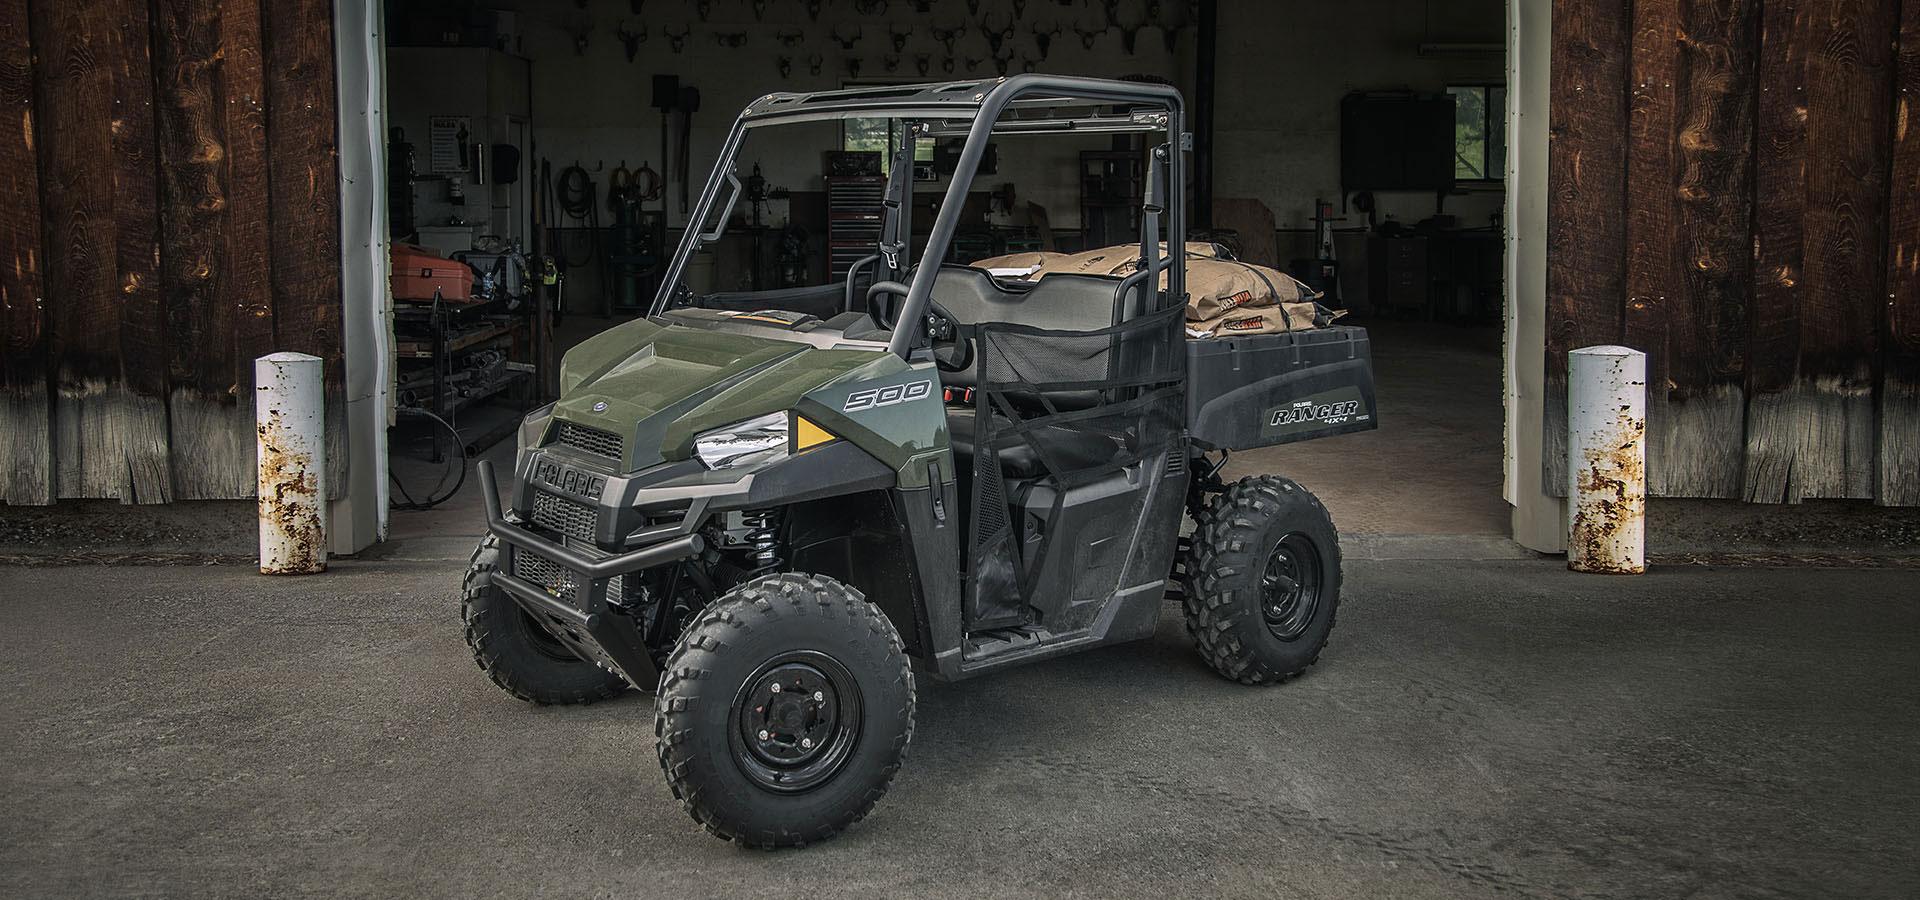 medium resolution of ranger 500